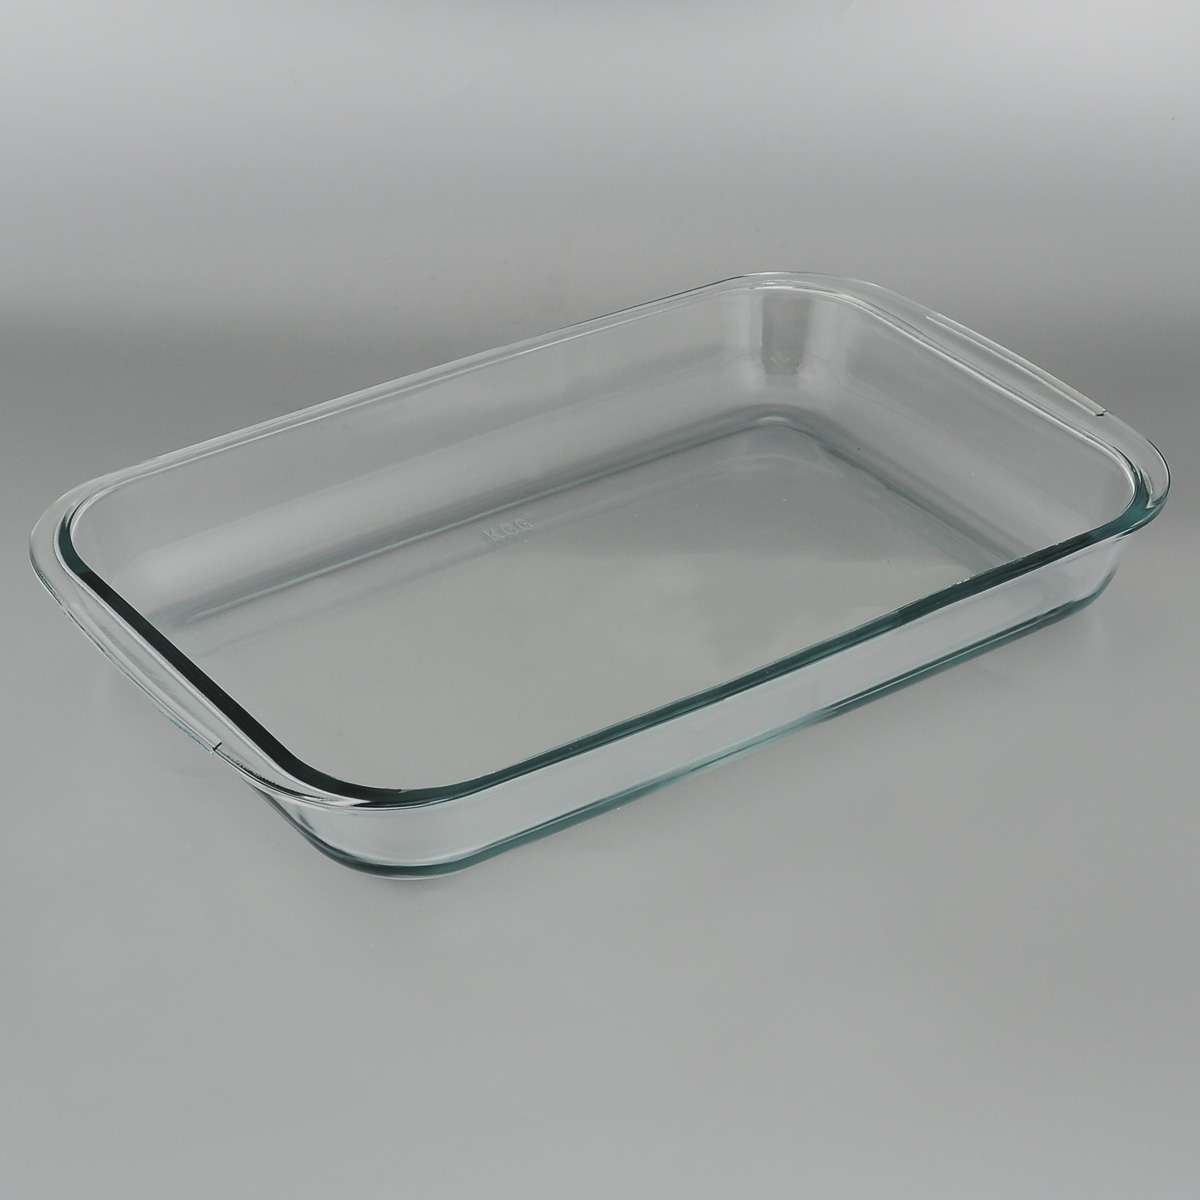 Форма для запекания Mijotex, прямоугольная, 39 см х 23 смPL4Прямоугольная форма для запекания Mijotex изготовлена из жаропрочного стекла,которое выдерживает температуру до +450°С. Форма предназначена дляприготовления горячих блюд. Оснащена двумя ручками. Материал изделия гигиеничен, прост в уходе и обладает высокой степенью прочности.Форма идеально подходит для использования в духовках, микроволновых печах,холодильниках и морозильных камерах. Также ее можно использовать на газовыхплитах (на слабом огне) и на электроплитах. Можно мыть в посудомоечноймашине. Внутренний размер формы: 35 см х 23 см. Внешний размер формы (с учетом ручек): 39 см х 23 см.Высота стенки формы: 5 см.